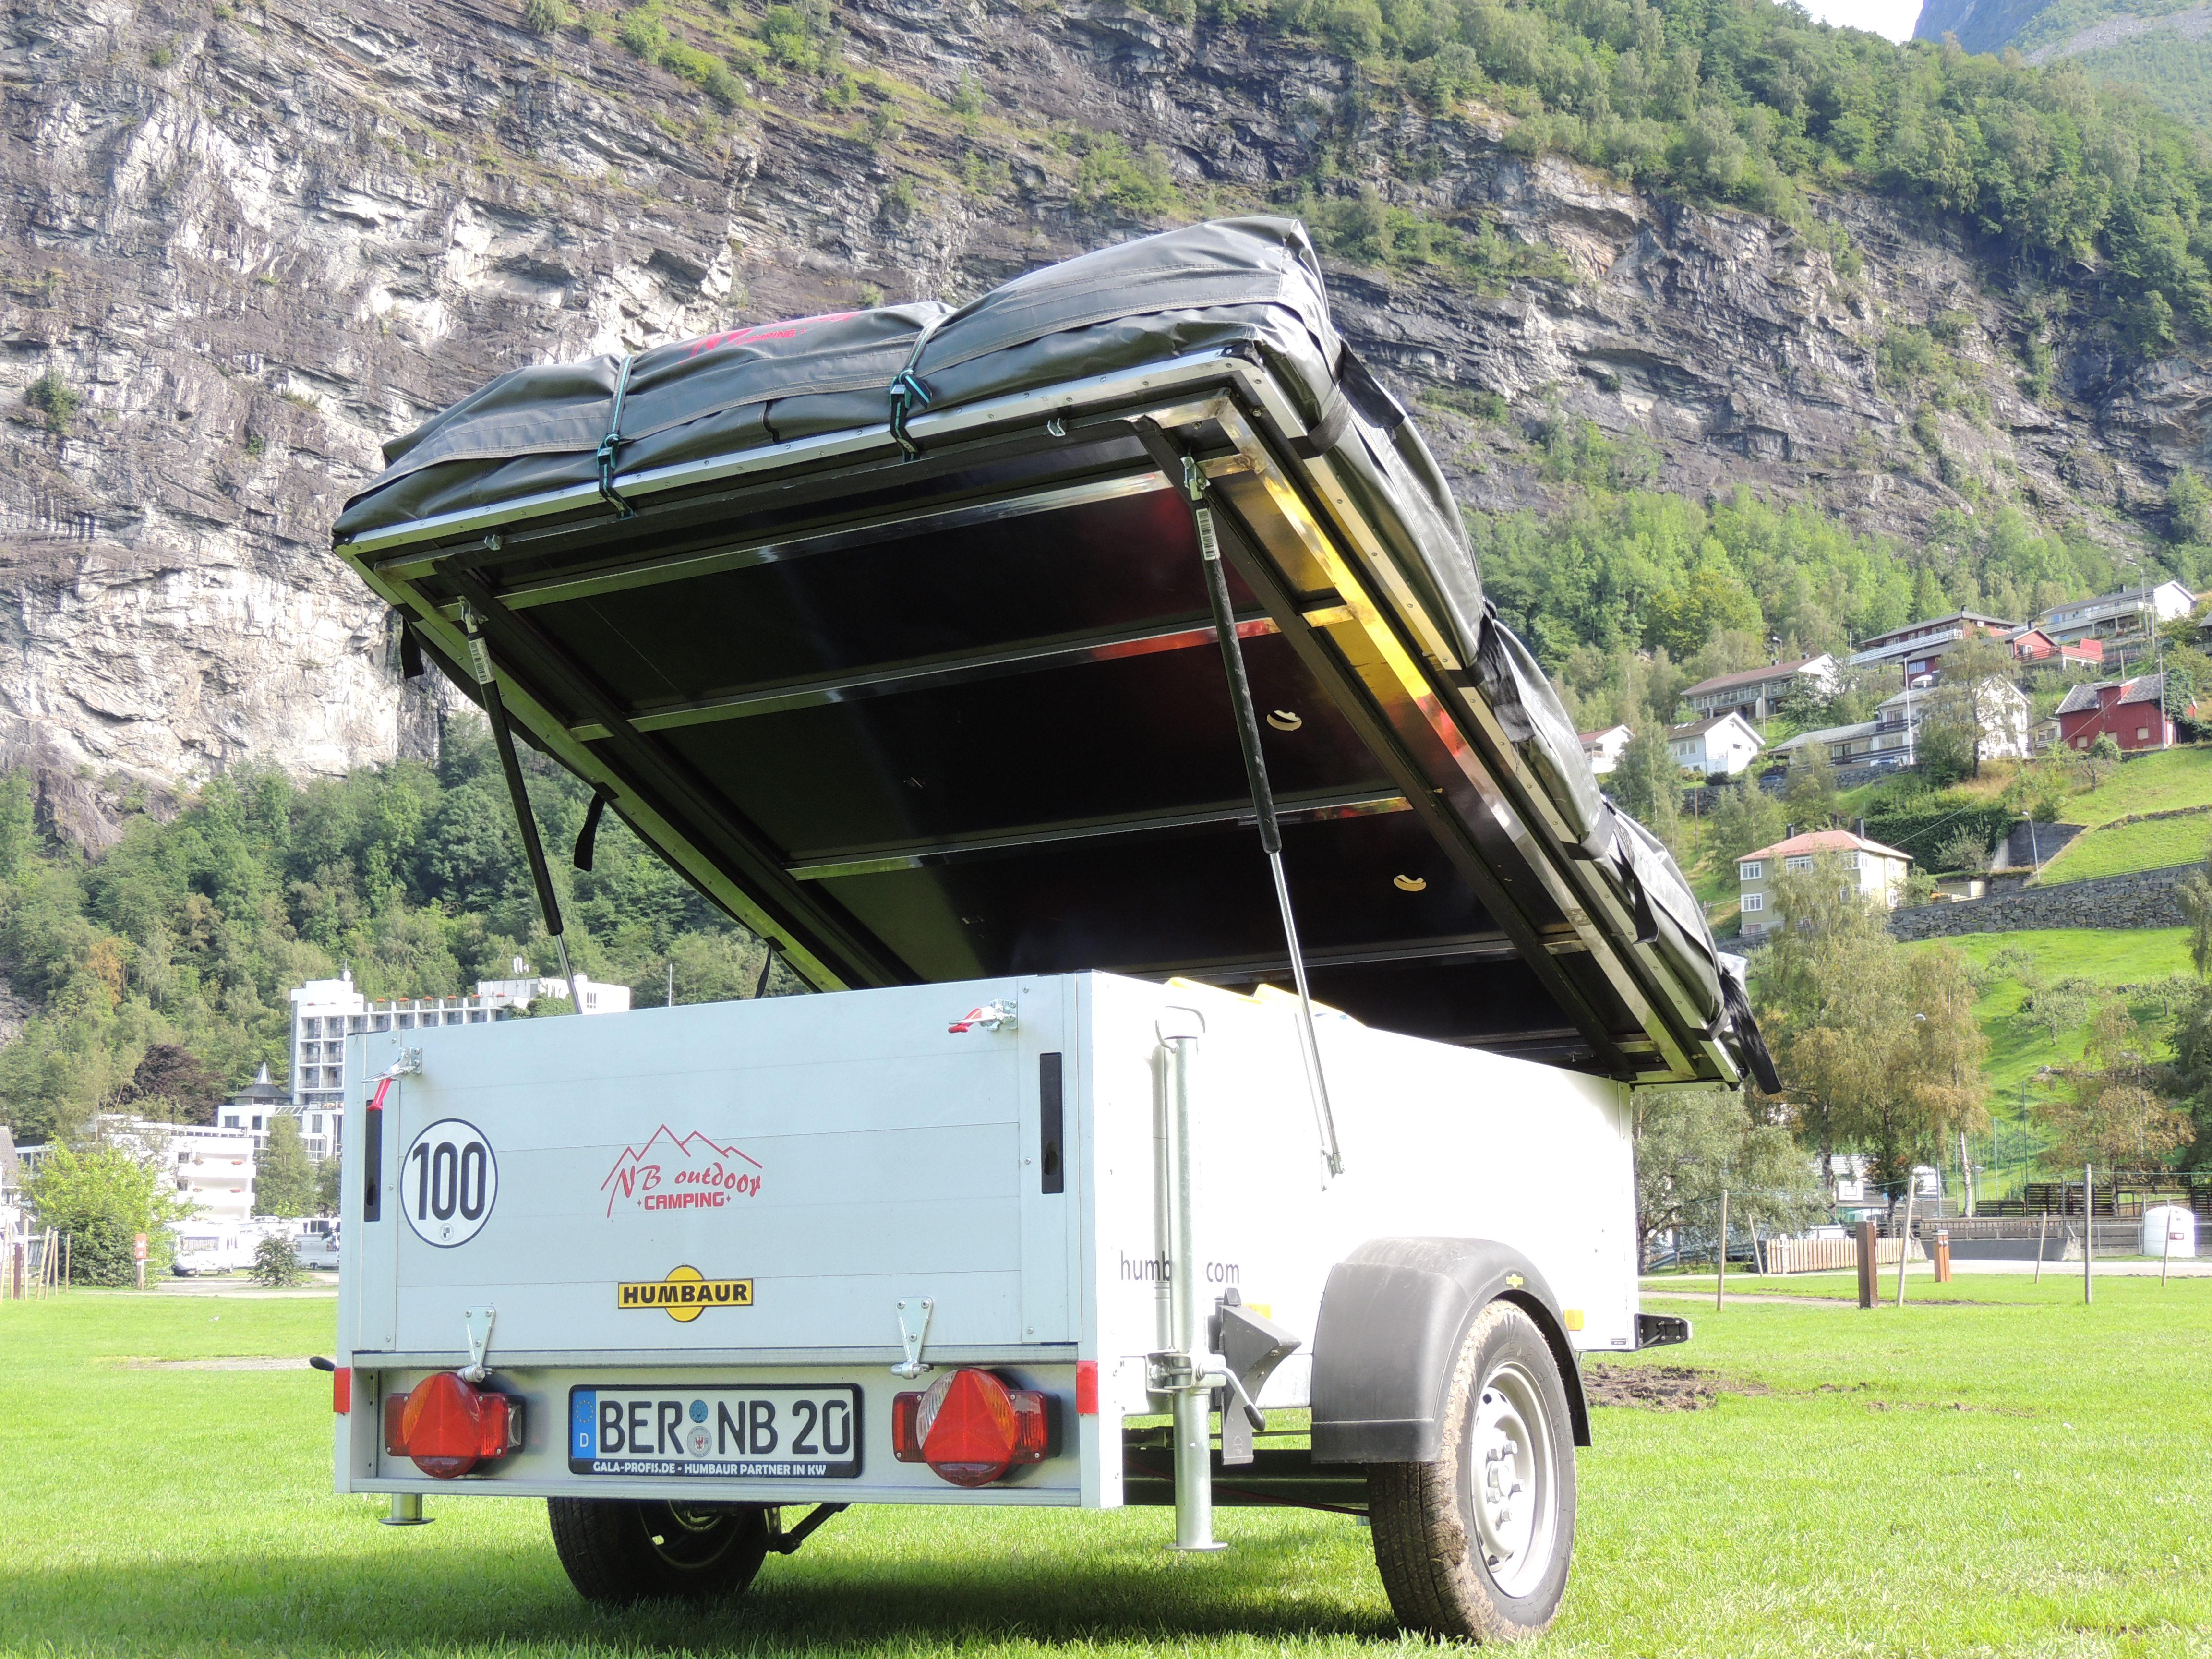 miniatuur 4 - Zeltanhänger Tender XL der Faltcaravan von NB outdoor Campingtrailer mit Komfort